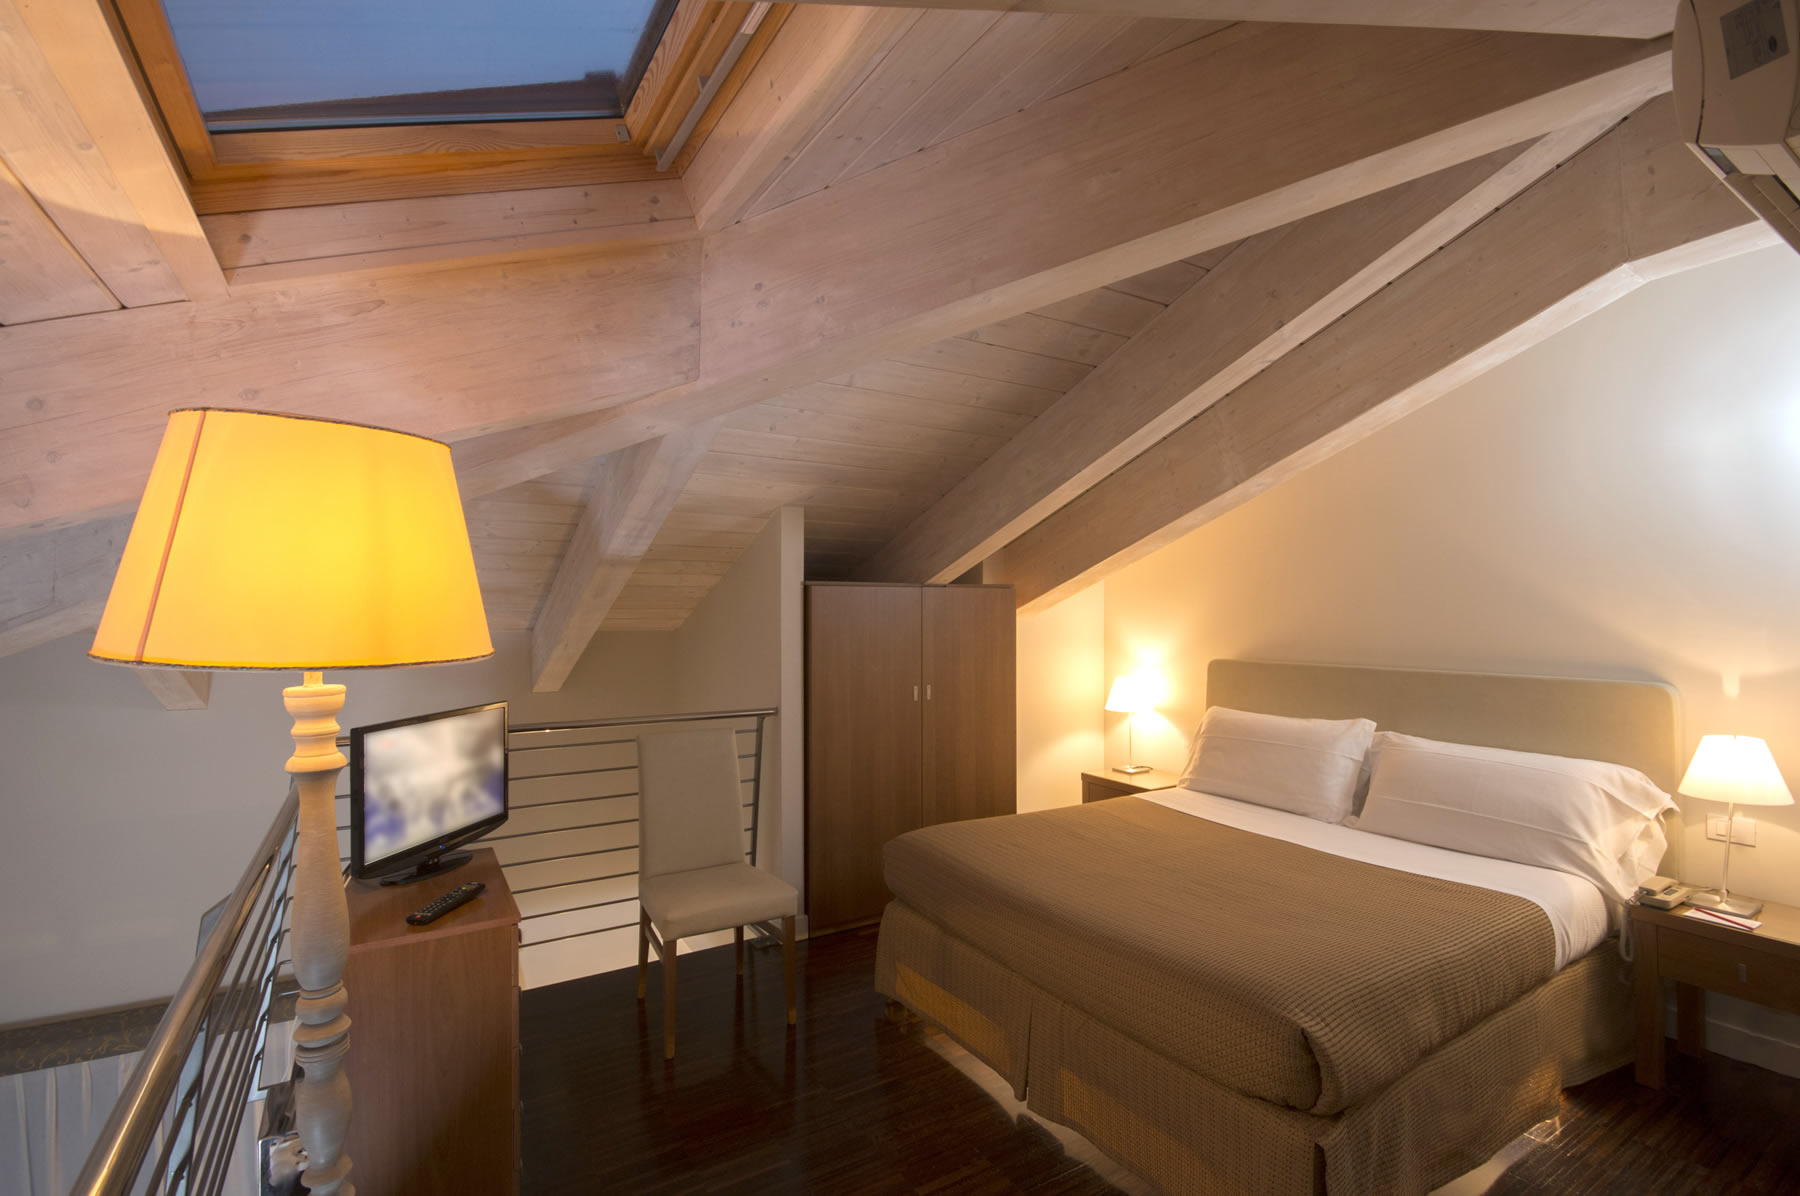 Appartamenti a rimini marina centro villa dei gelsomini - Bagno 46 rimini ...